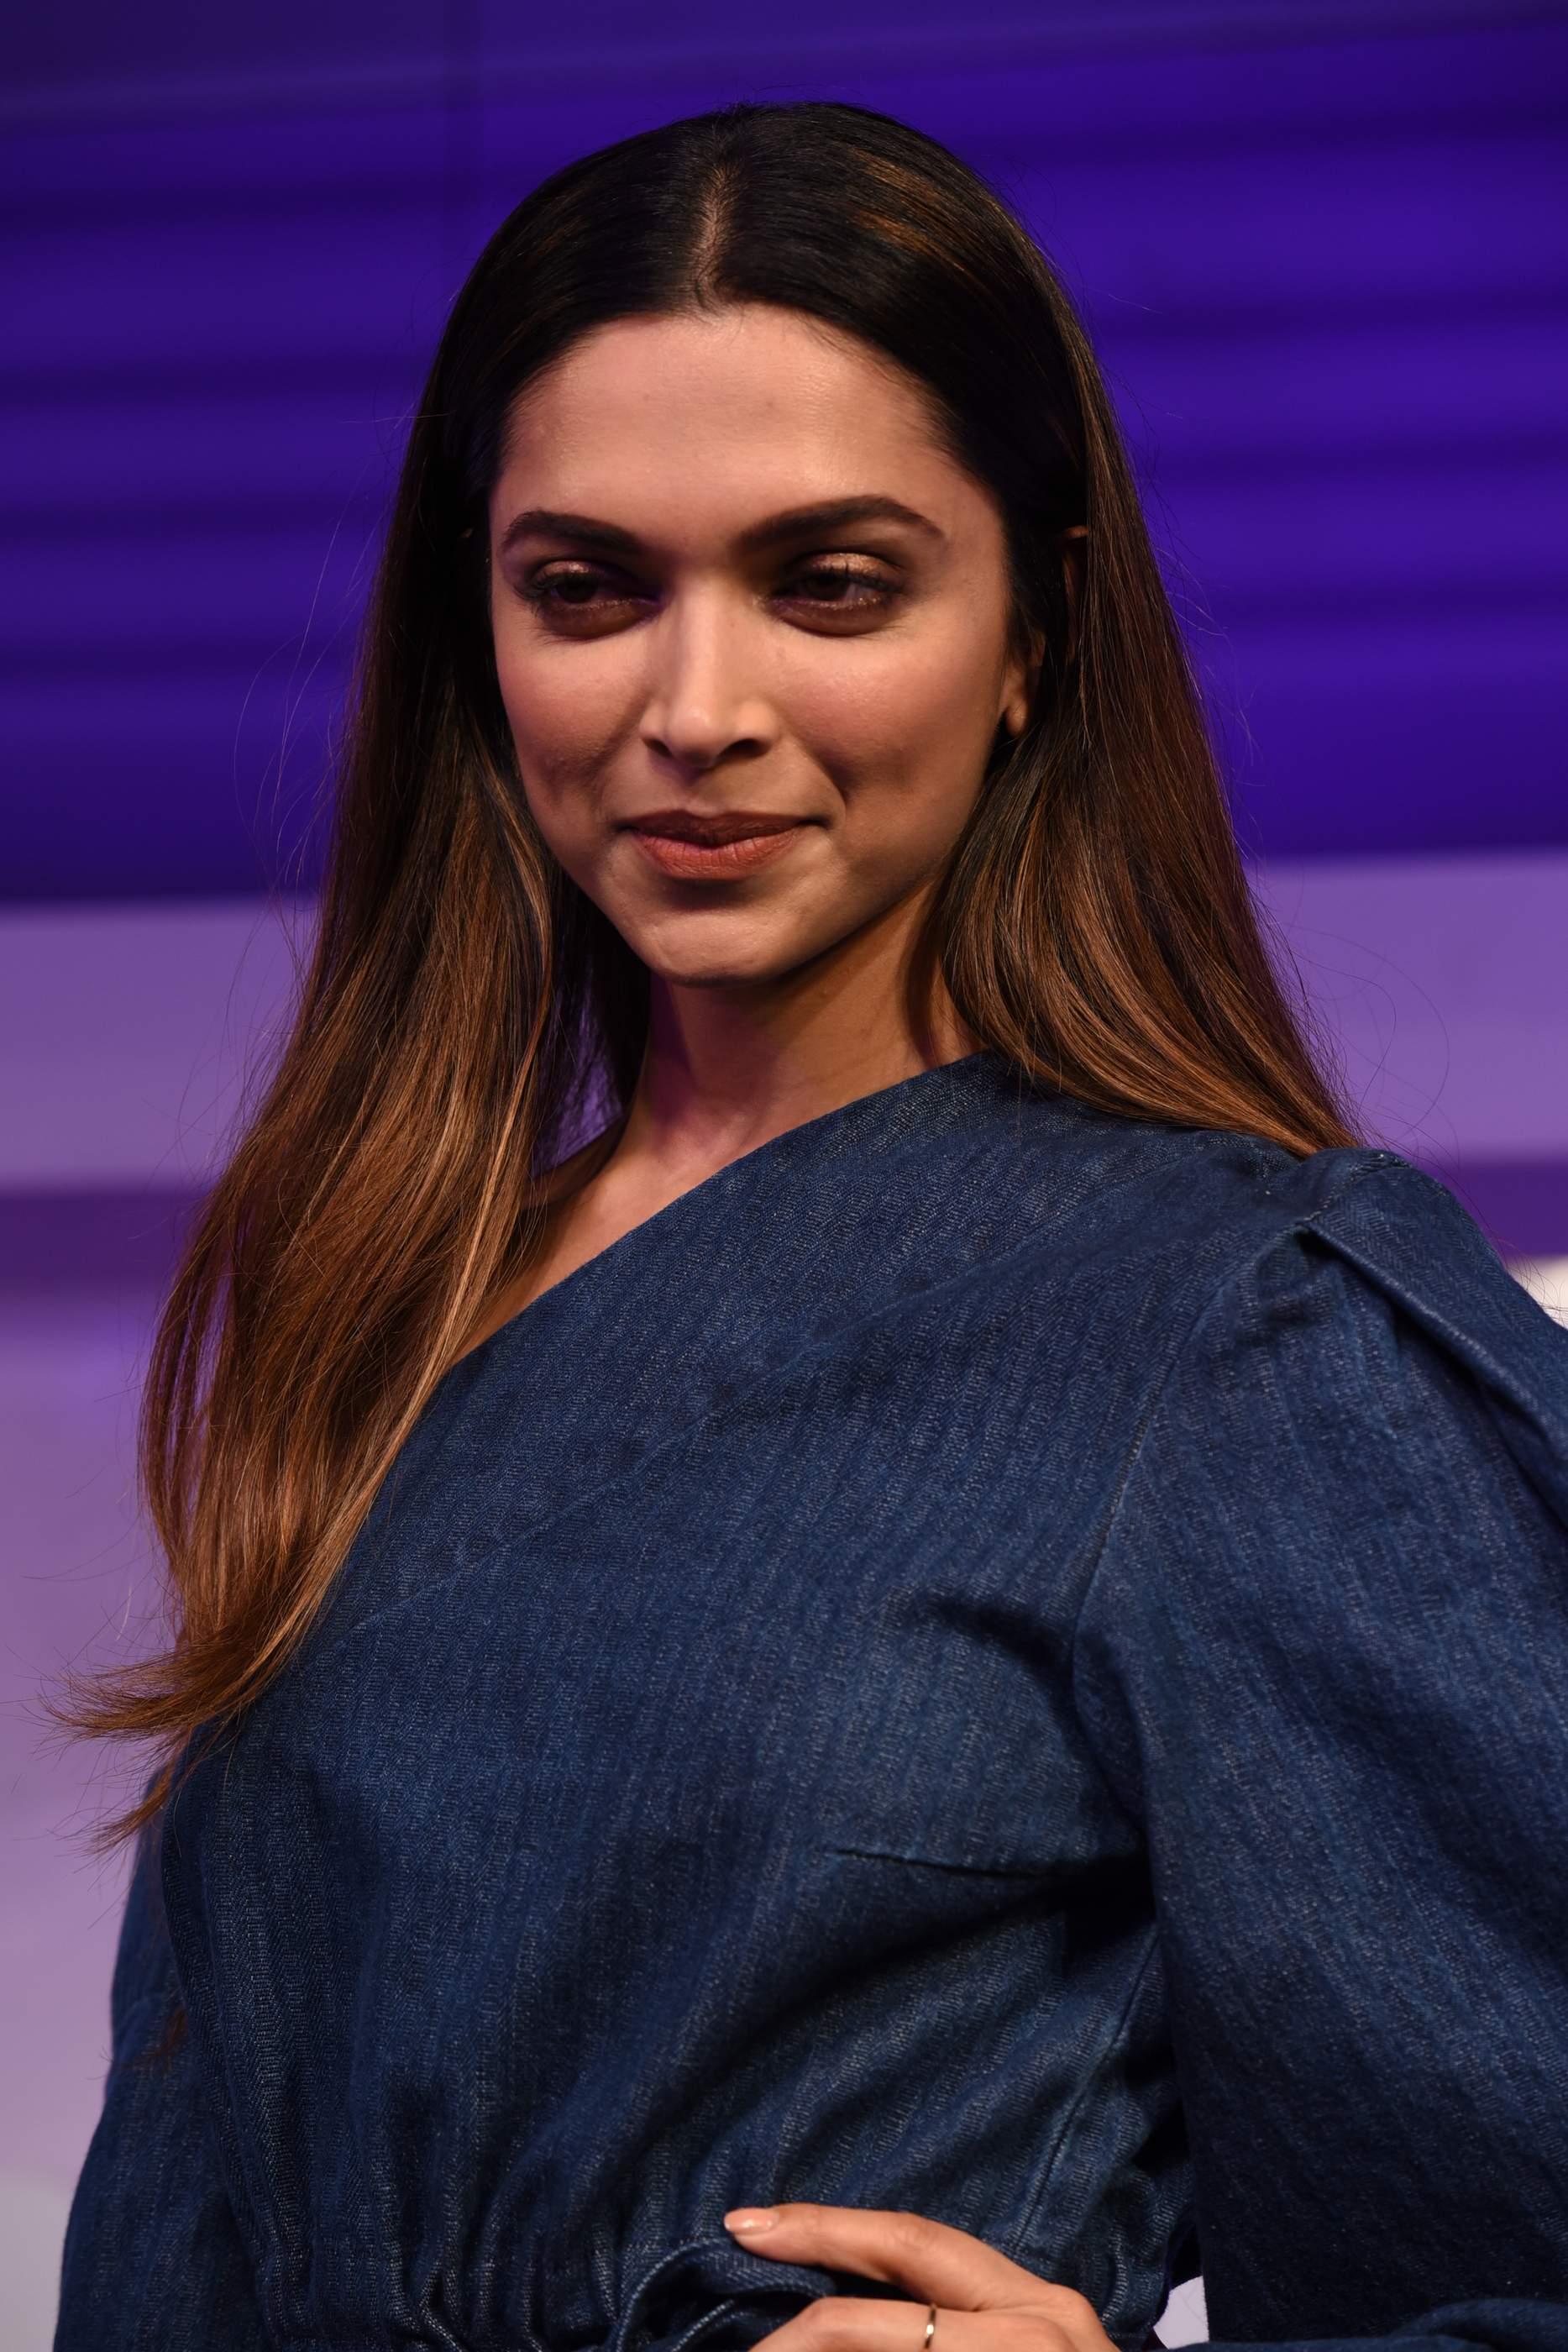 Beautiful Deepika Padukone, Soha Ali Khan & Neha Dhupia Beautiful Deepika Padukone, Soha Ali Khan & Neha Dhupia Gilette 1